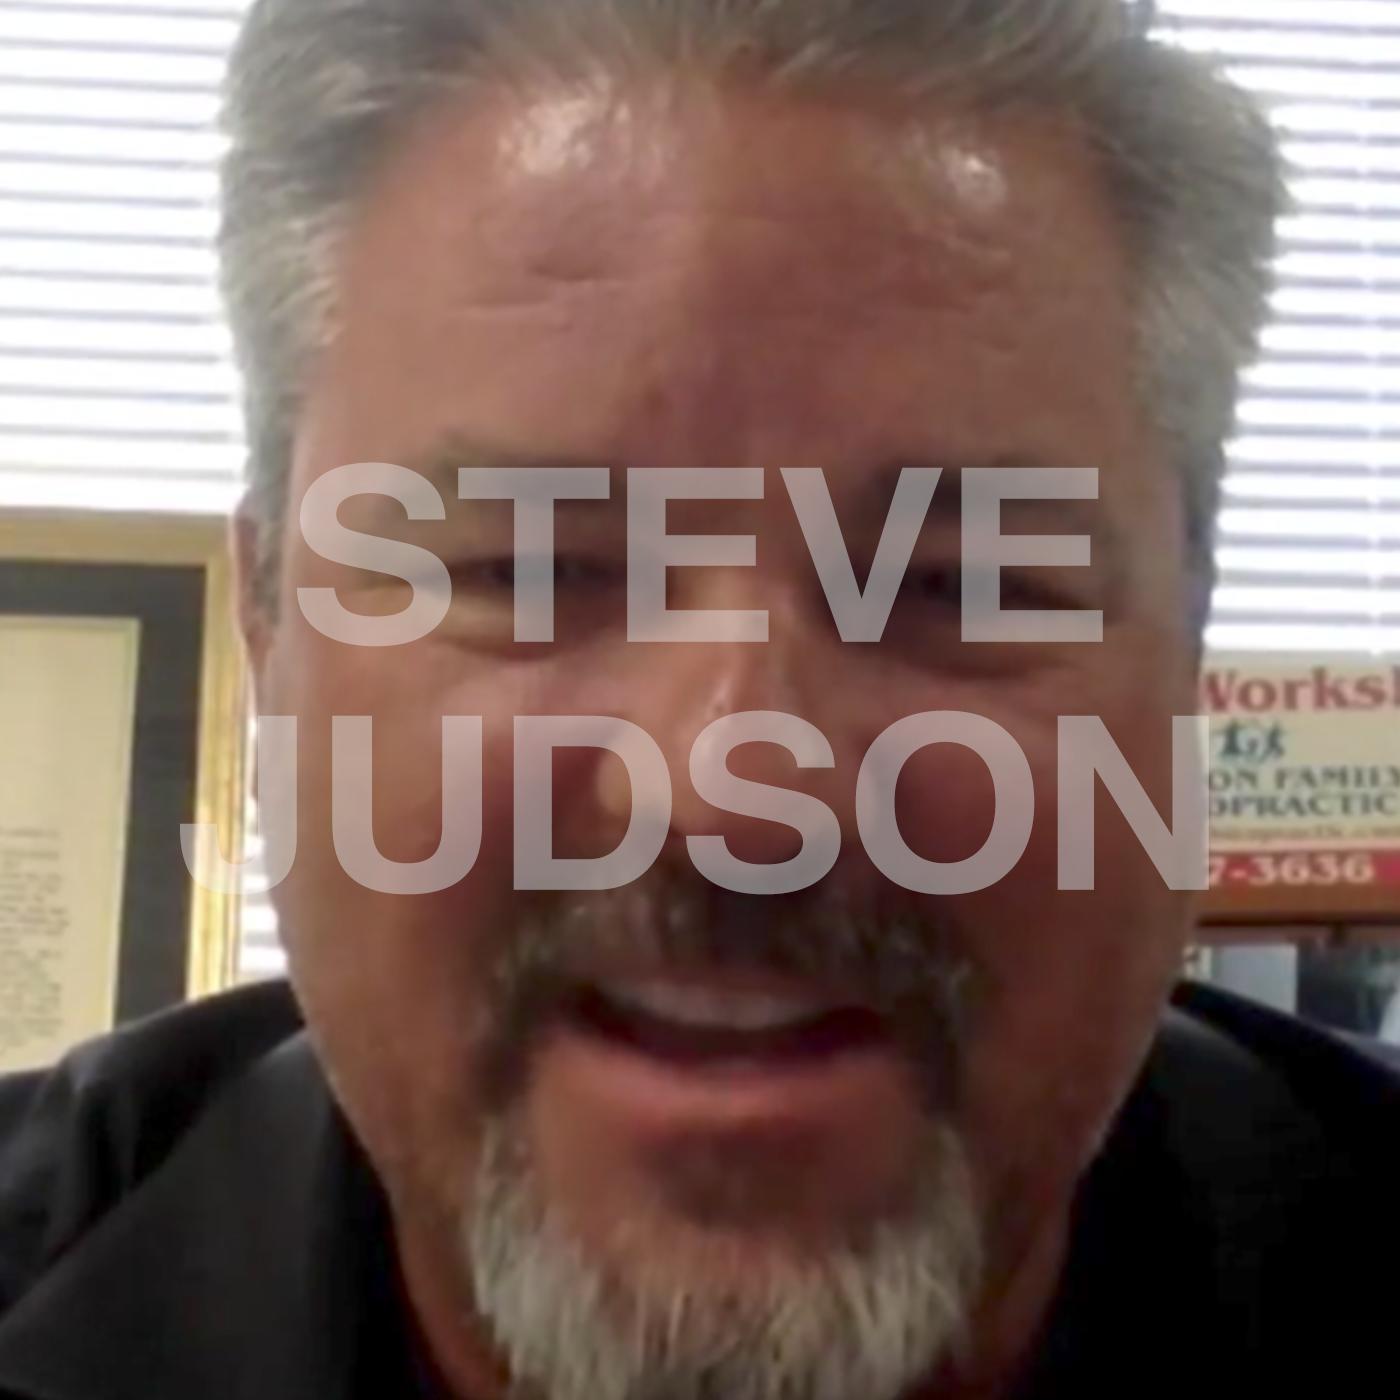 Steve-Judson.png